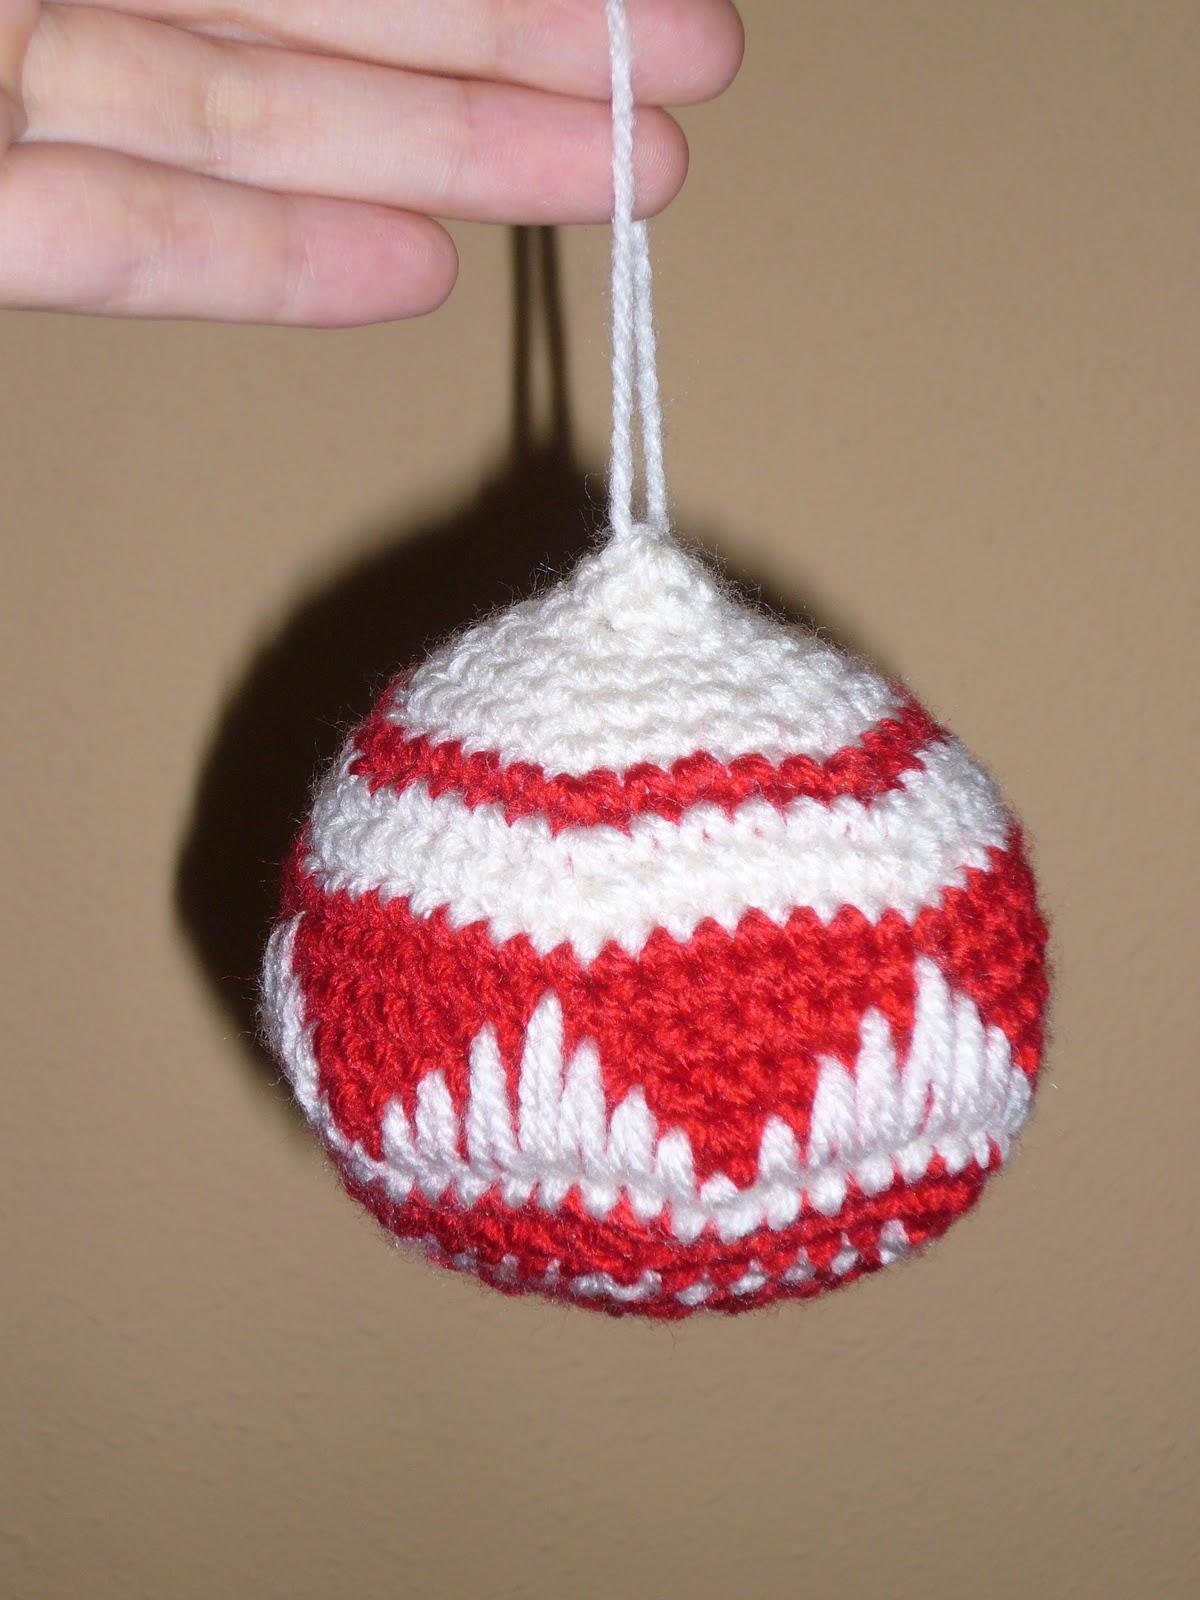 M s f cil de lo que cre as bolas de navidad a ganchillo - Bolas de ganchillo ...